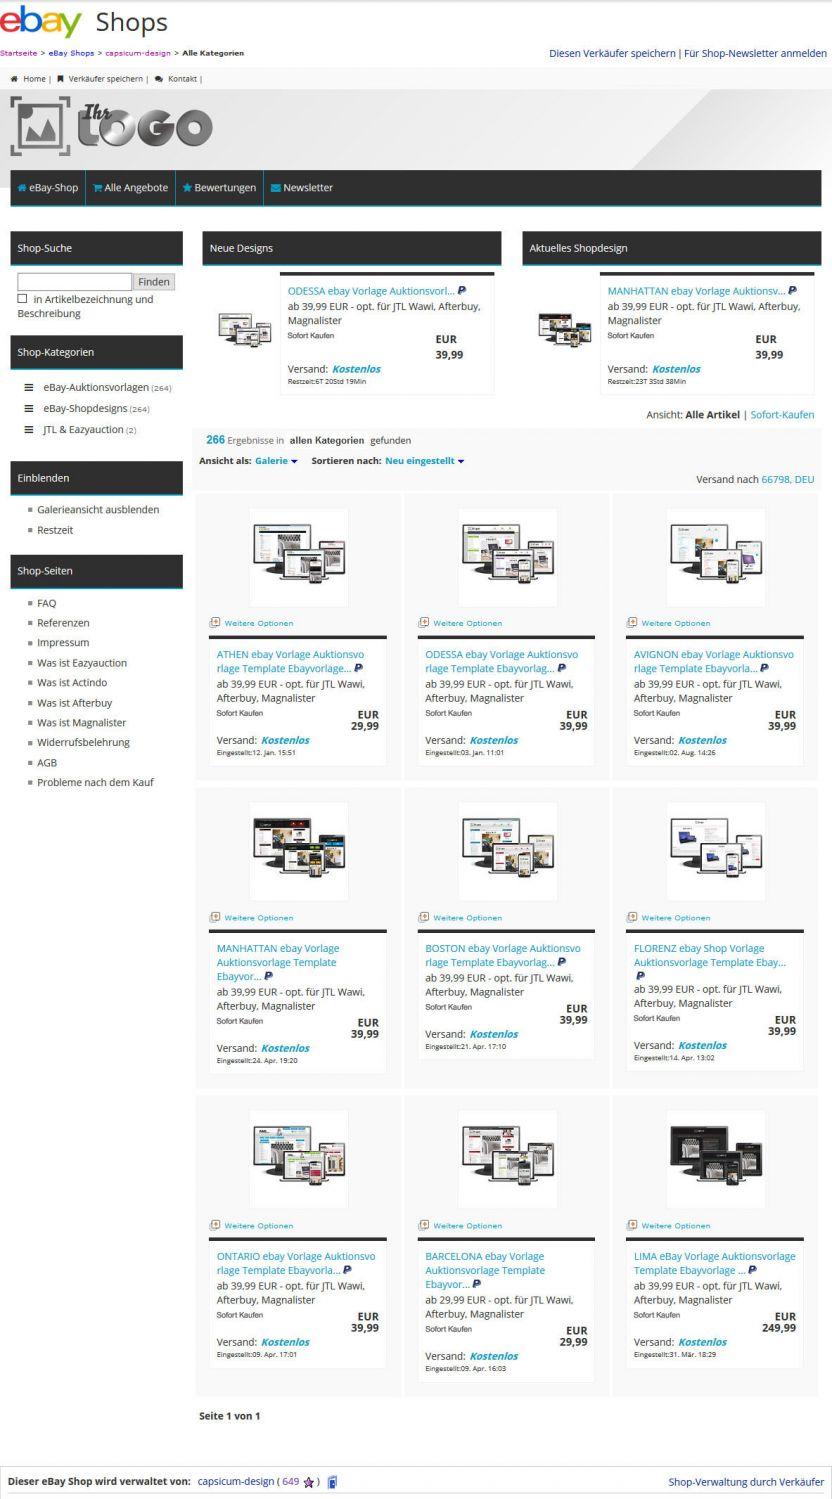 Ziemlich Ebay Auktionsvorlagen Kostenlos Fotos - Beispiel Business ...